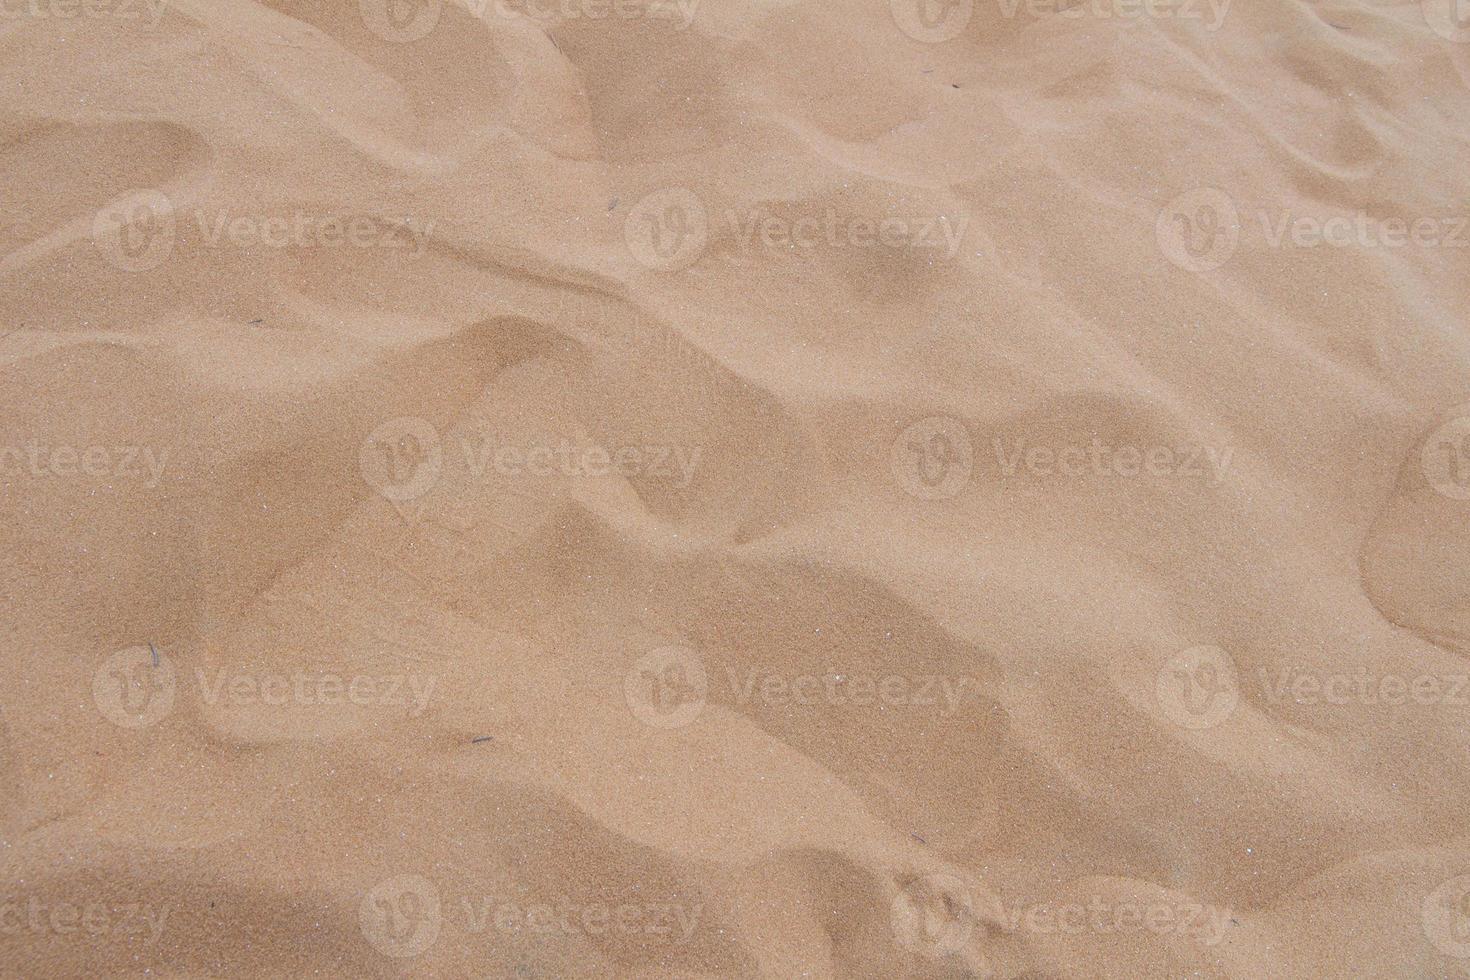 textura de areia vermelha forma duna de areia vermelha vietnã foto